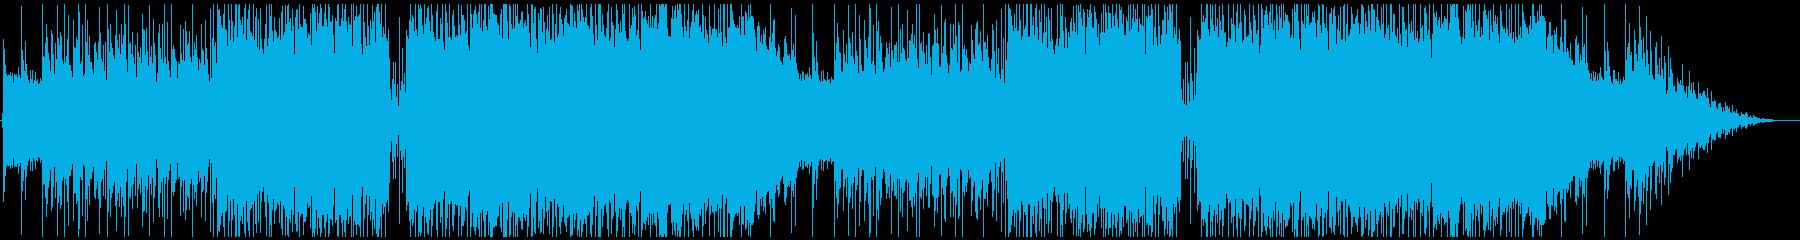 浮遊感と木琴が可愛いアイリッシュ風の曲の再生済みの波形